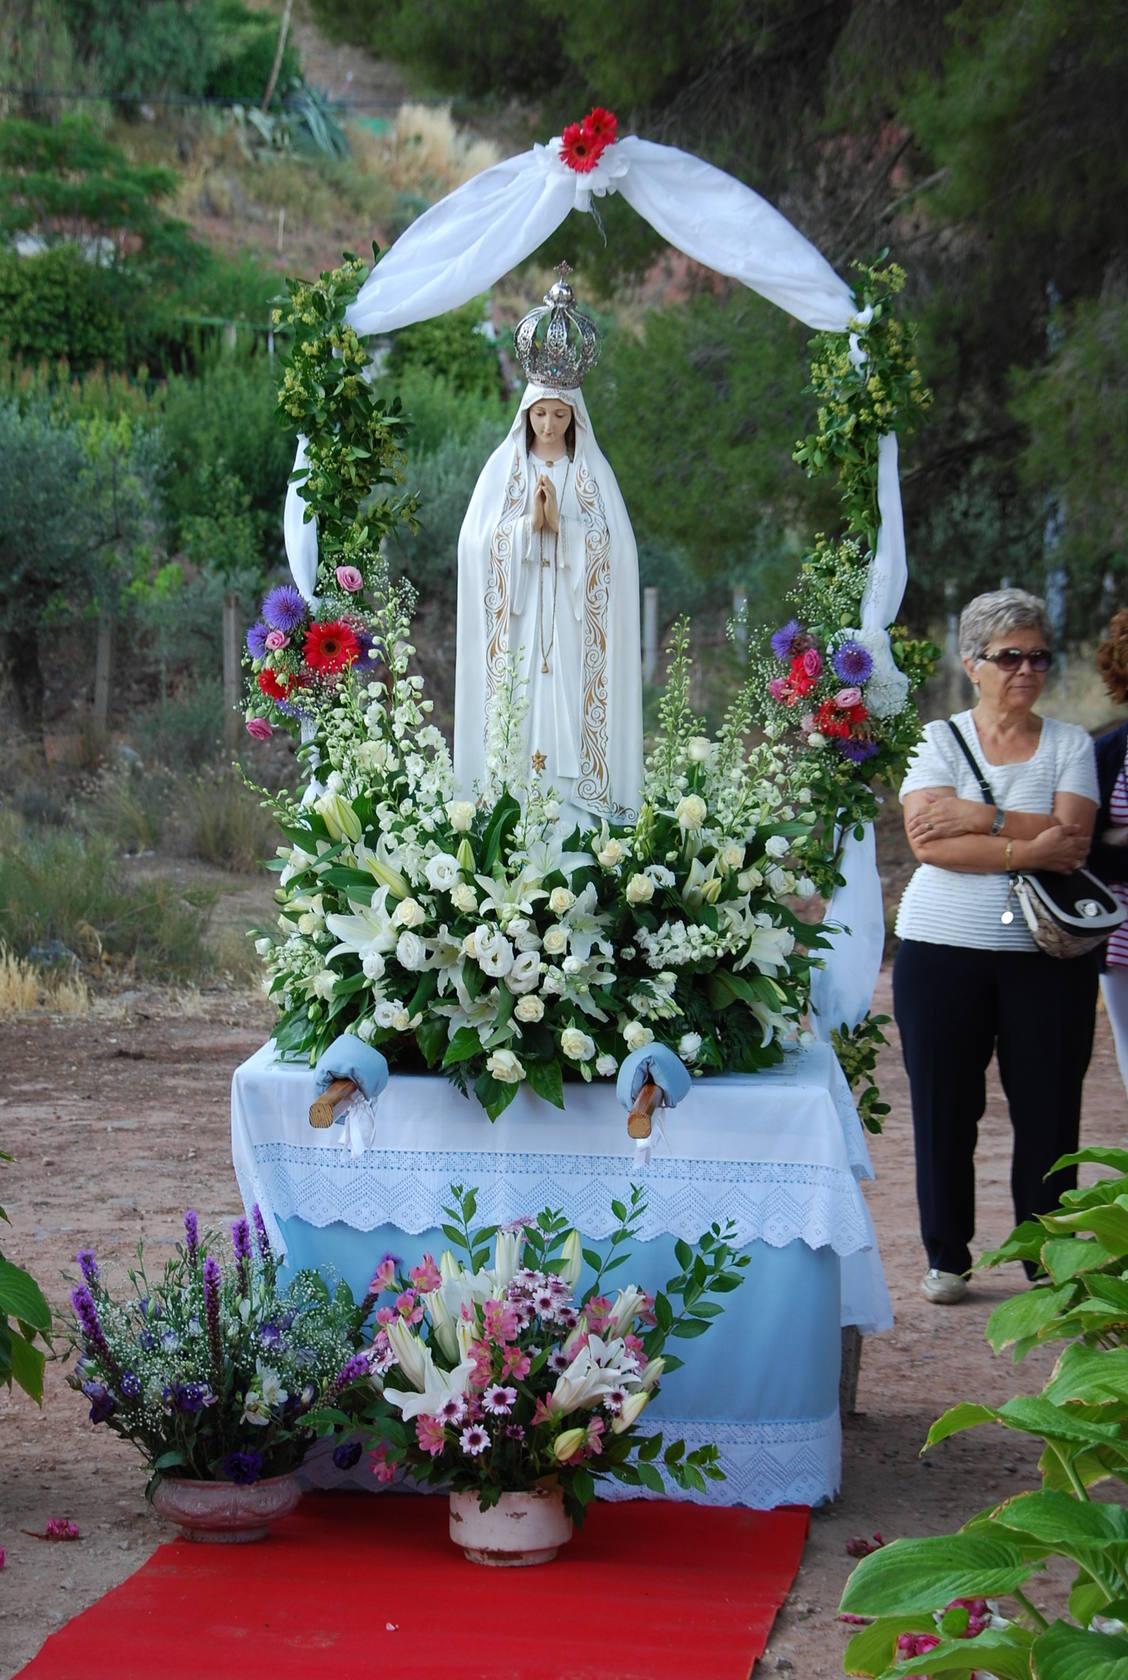 Romería de la Virgen de Fátima en Pinoso